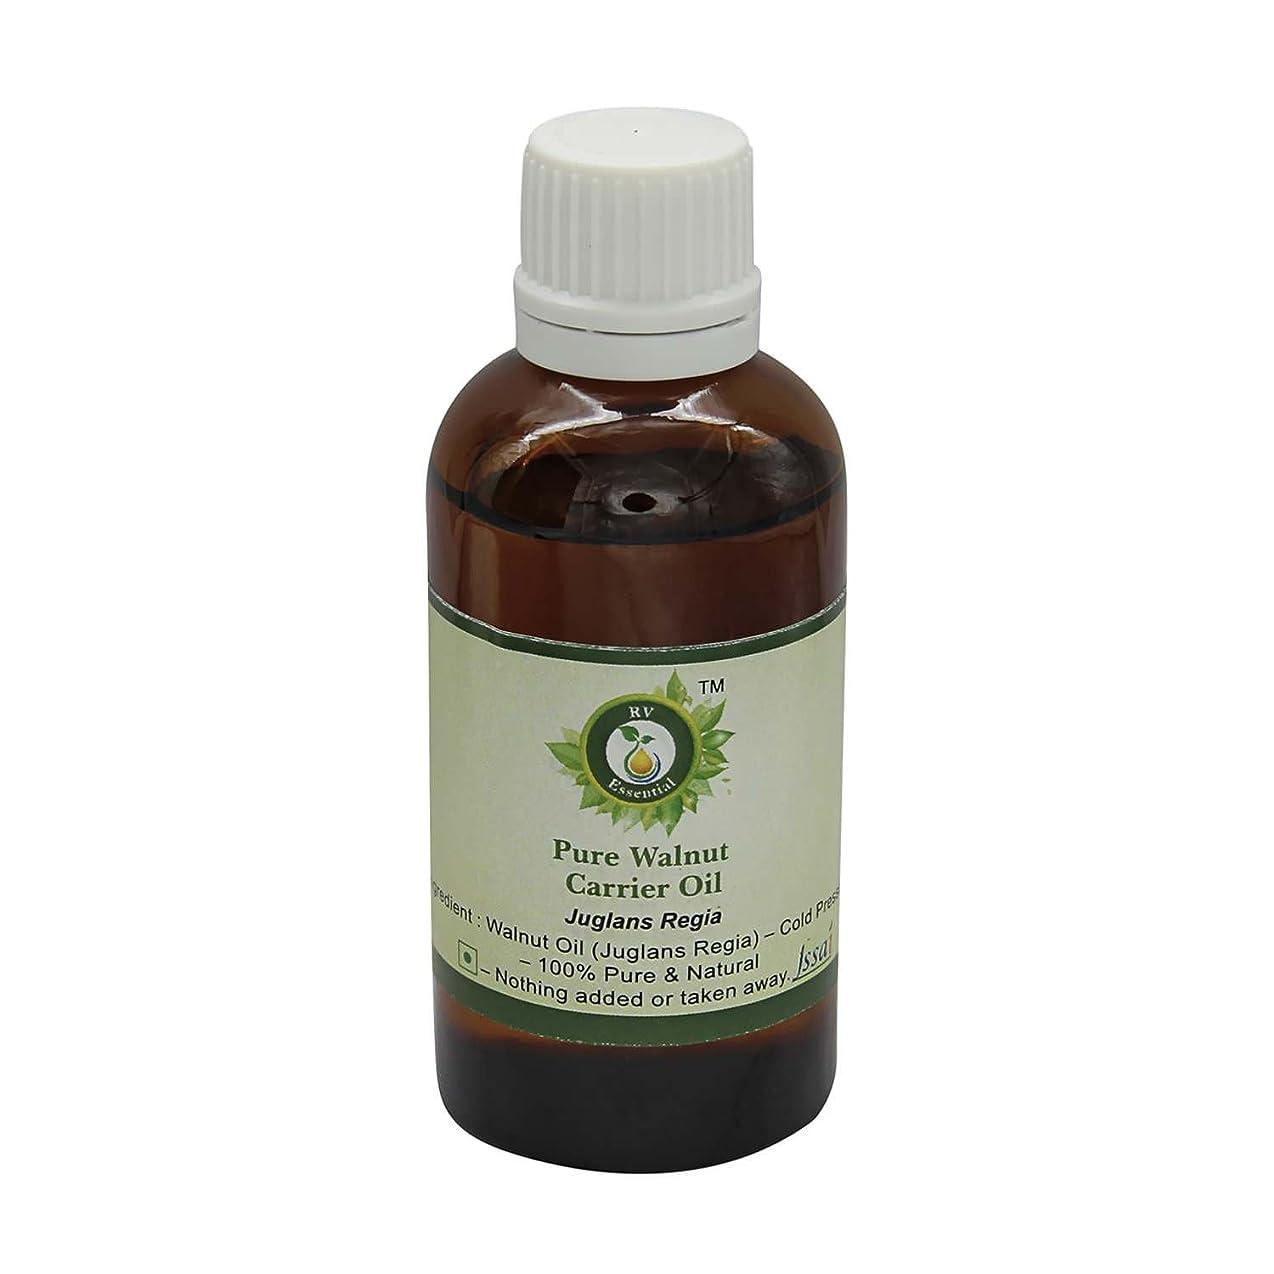 穴粗い先祖R V Essential ピュアウォルナットキャリアオイル300ml (10oz)- Juglans Regia (100%ピュア&ナチュラルコールドPressed) Pure Walnut Carrier Oil